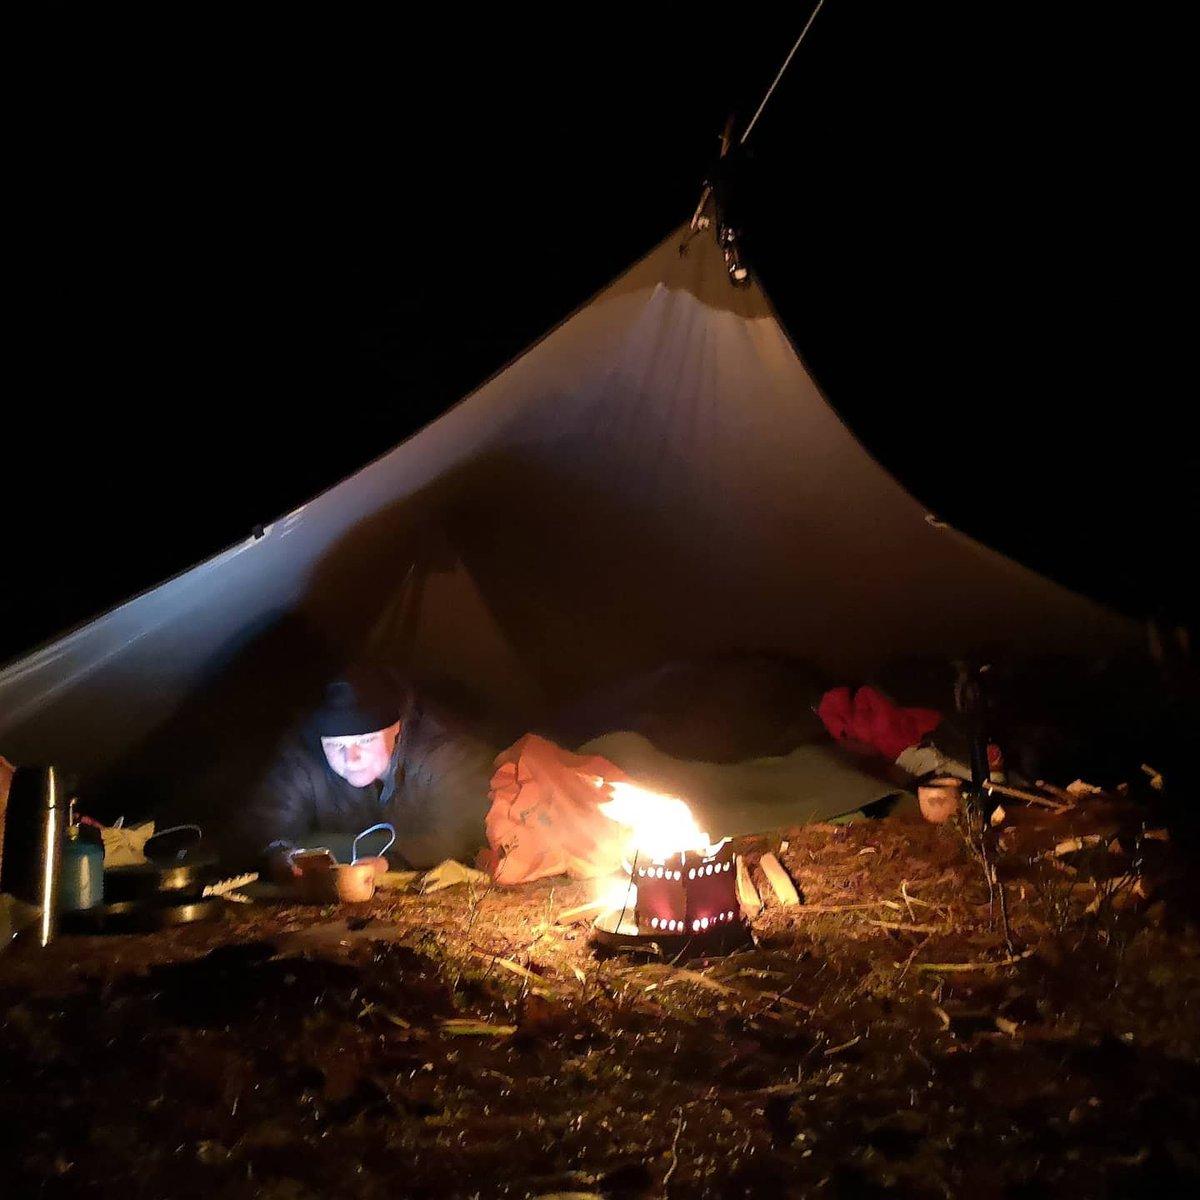 #Luonto on pop! Tänään kiva 1,5 #rogain Siikajärvellä, pulahdus siihen samaan ja yöpyminen #nuuksio'ssa ja #risukeitin luo tunnelmaa. Mukana @SahlstromTeija  #nuuksionationalpark #kivakeli #syksy #autumn #camping #retkeily #hiking #orienteering #Suunnistu #nature  #naturepicture https://t.co/ZueWTekzcX